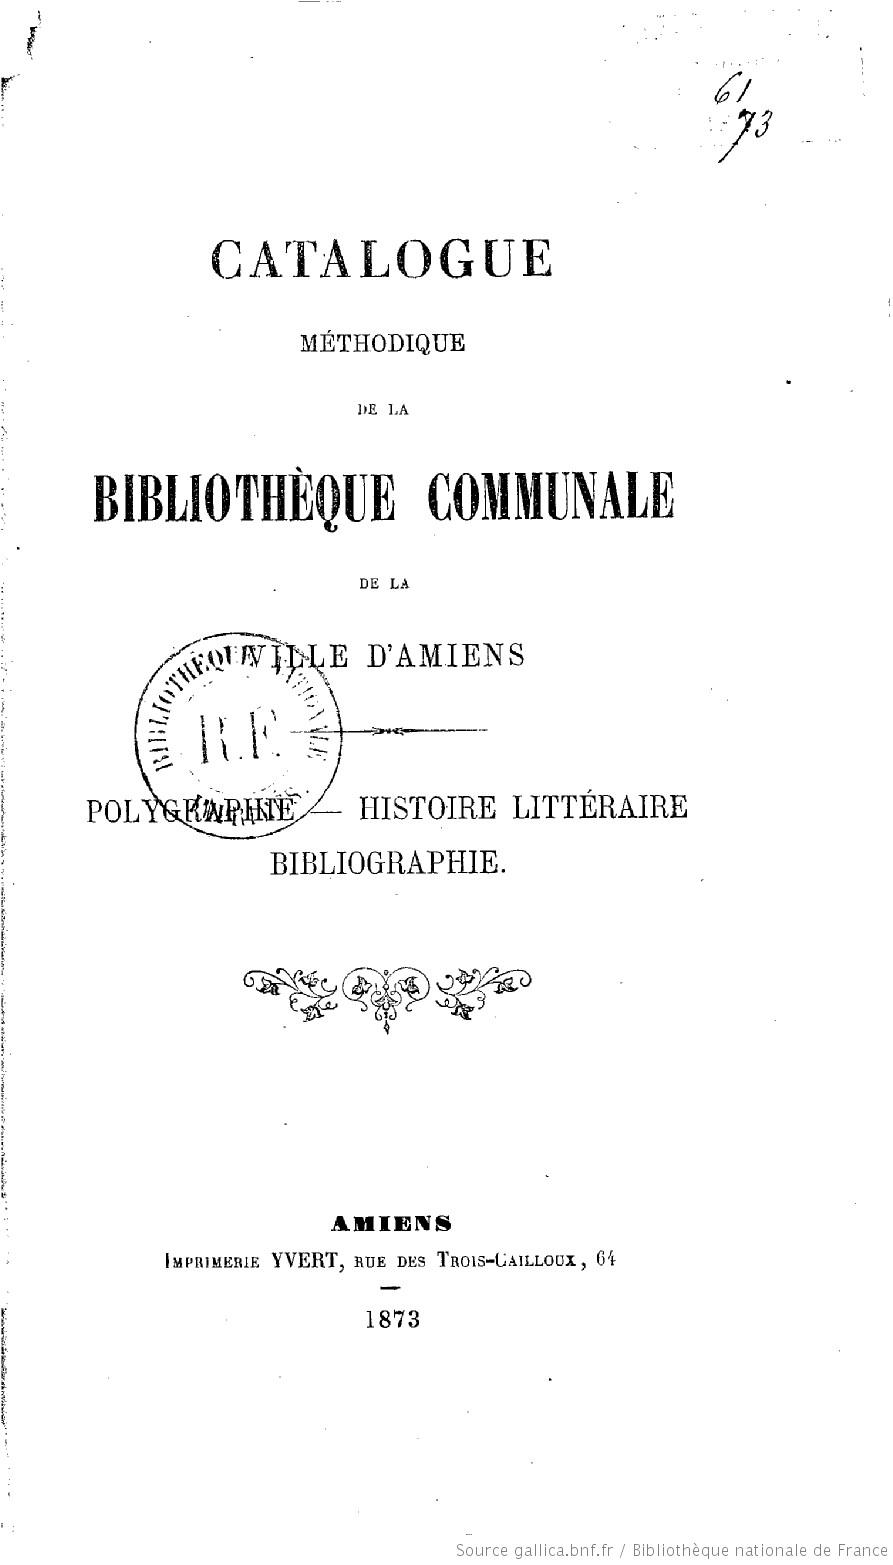 Catalogue de la bibliothèque communale de la ville d'Amiens,(Éd.1843) - Jacques Garnier